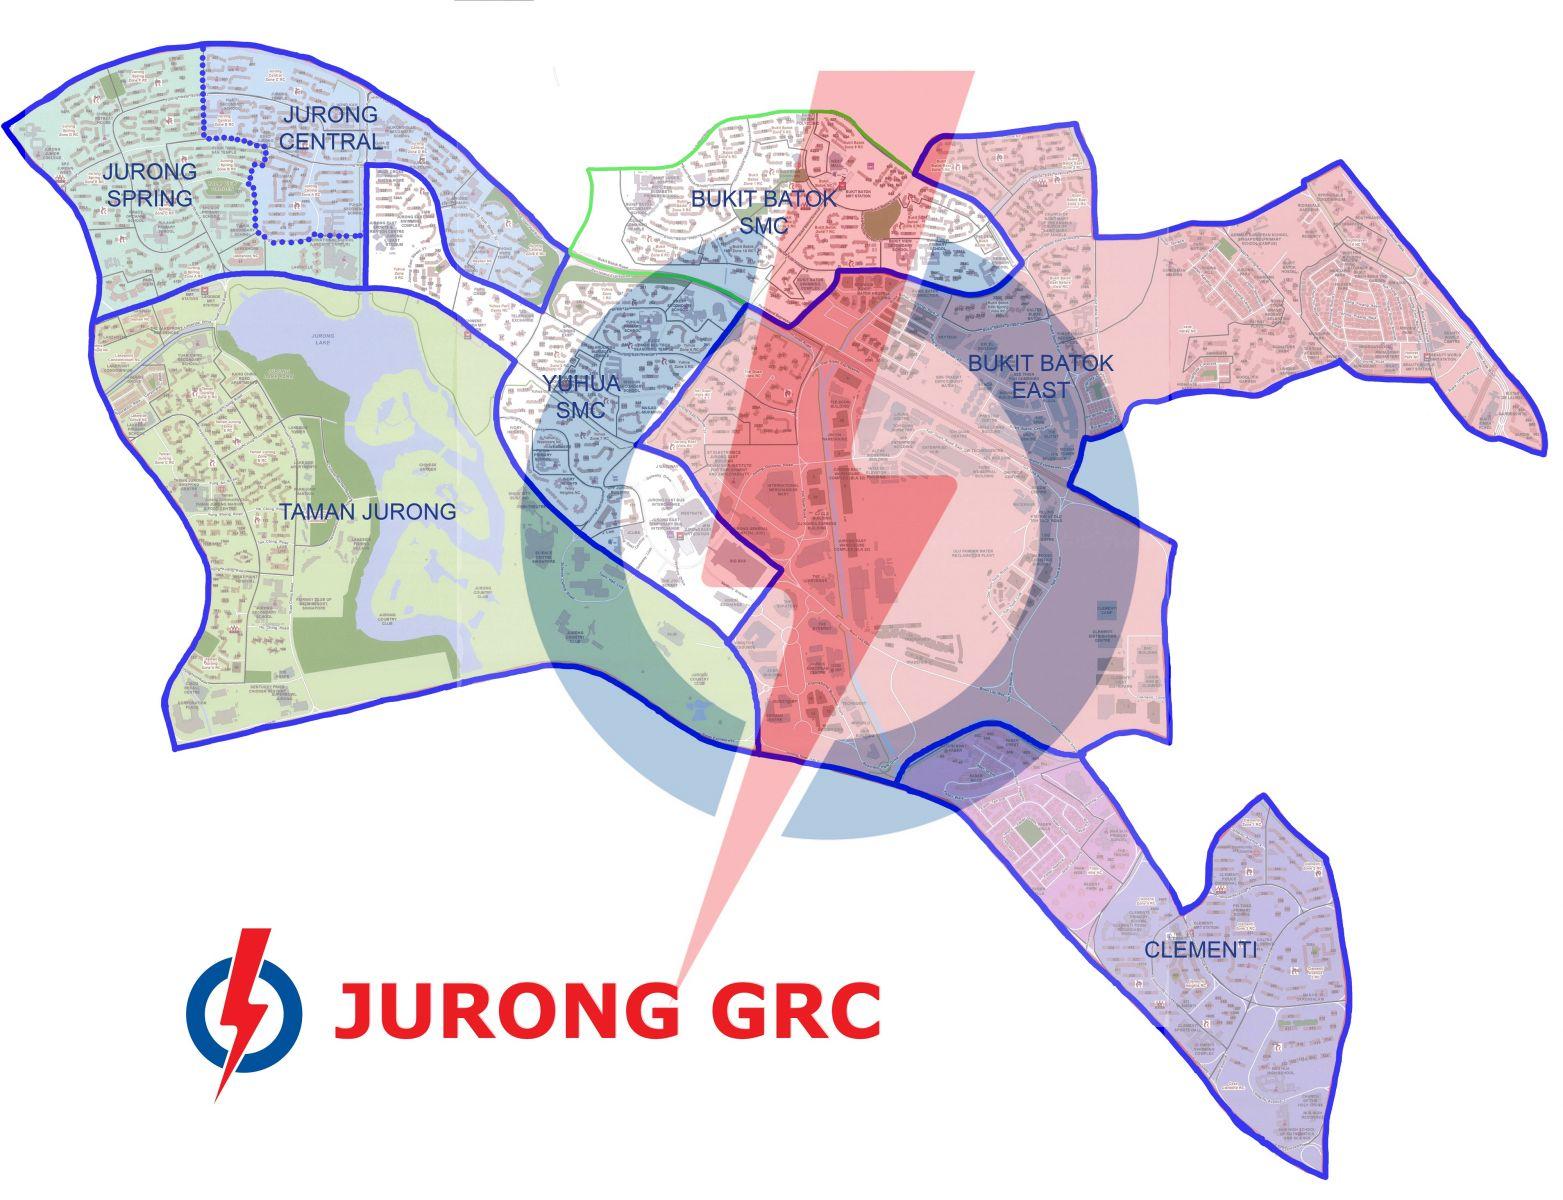 Jurong GRC